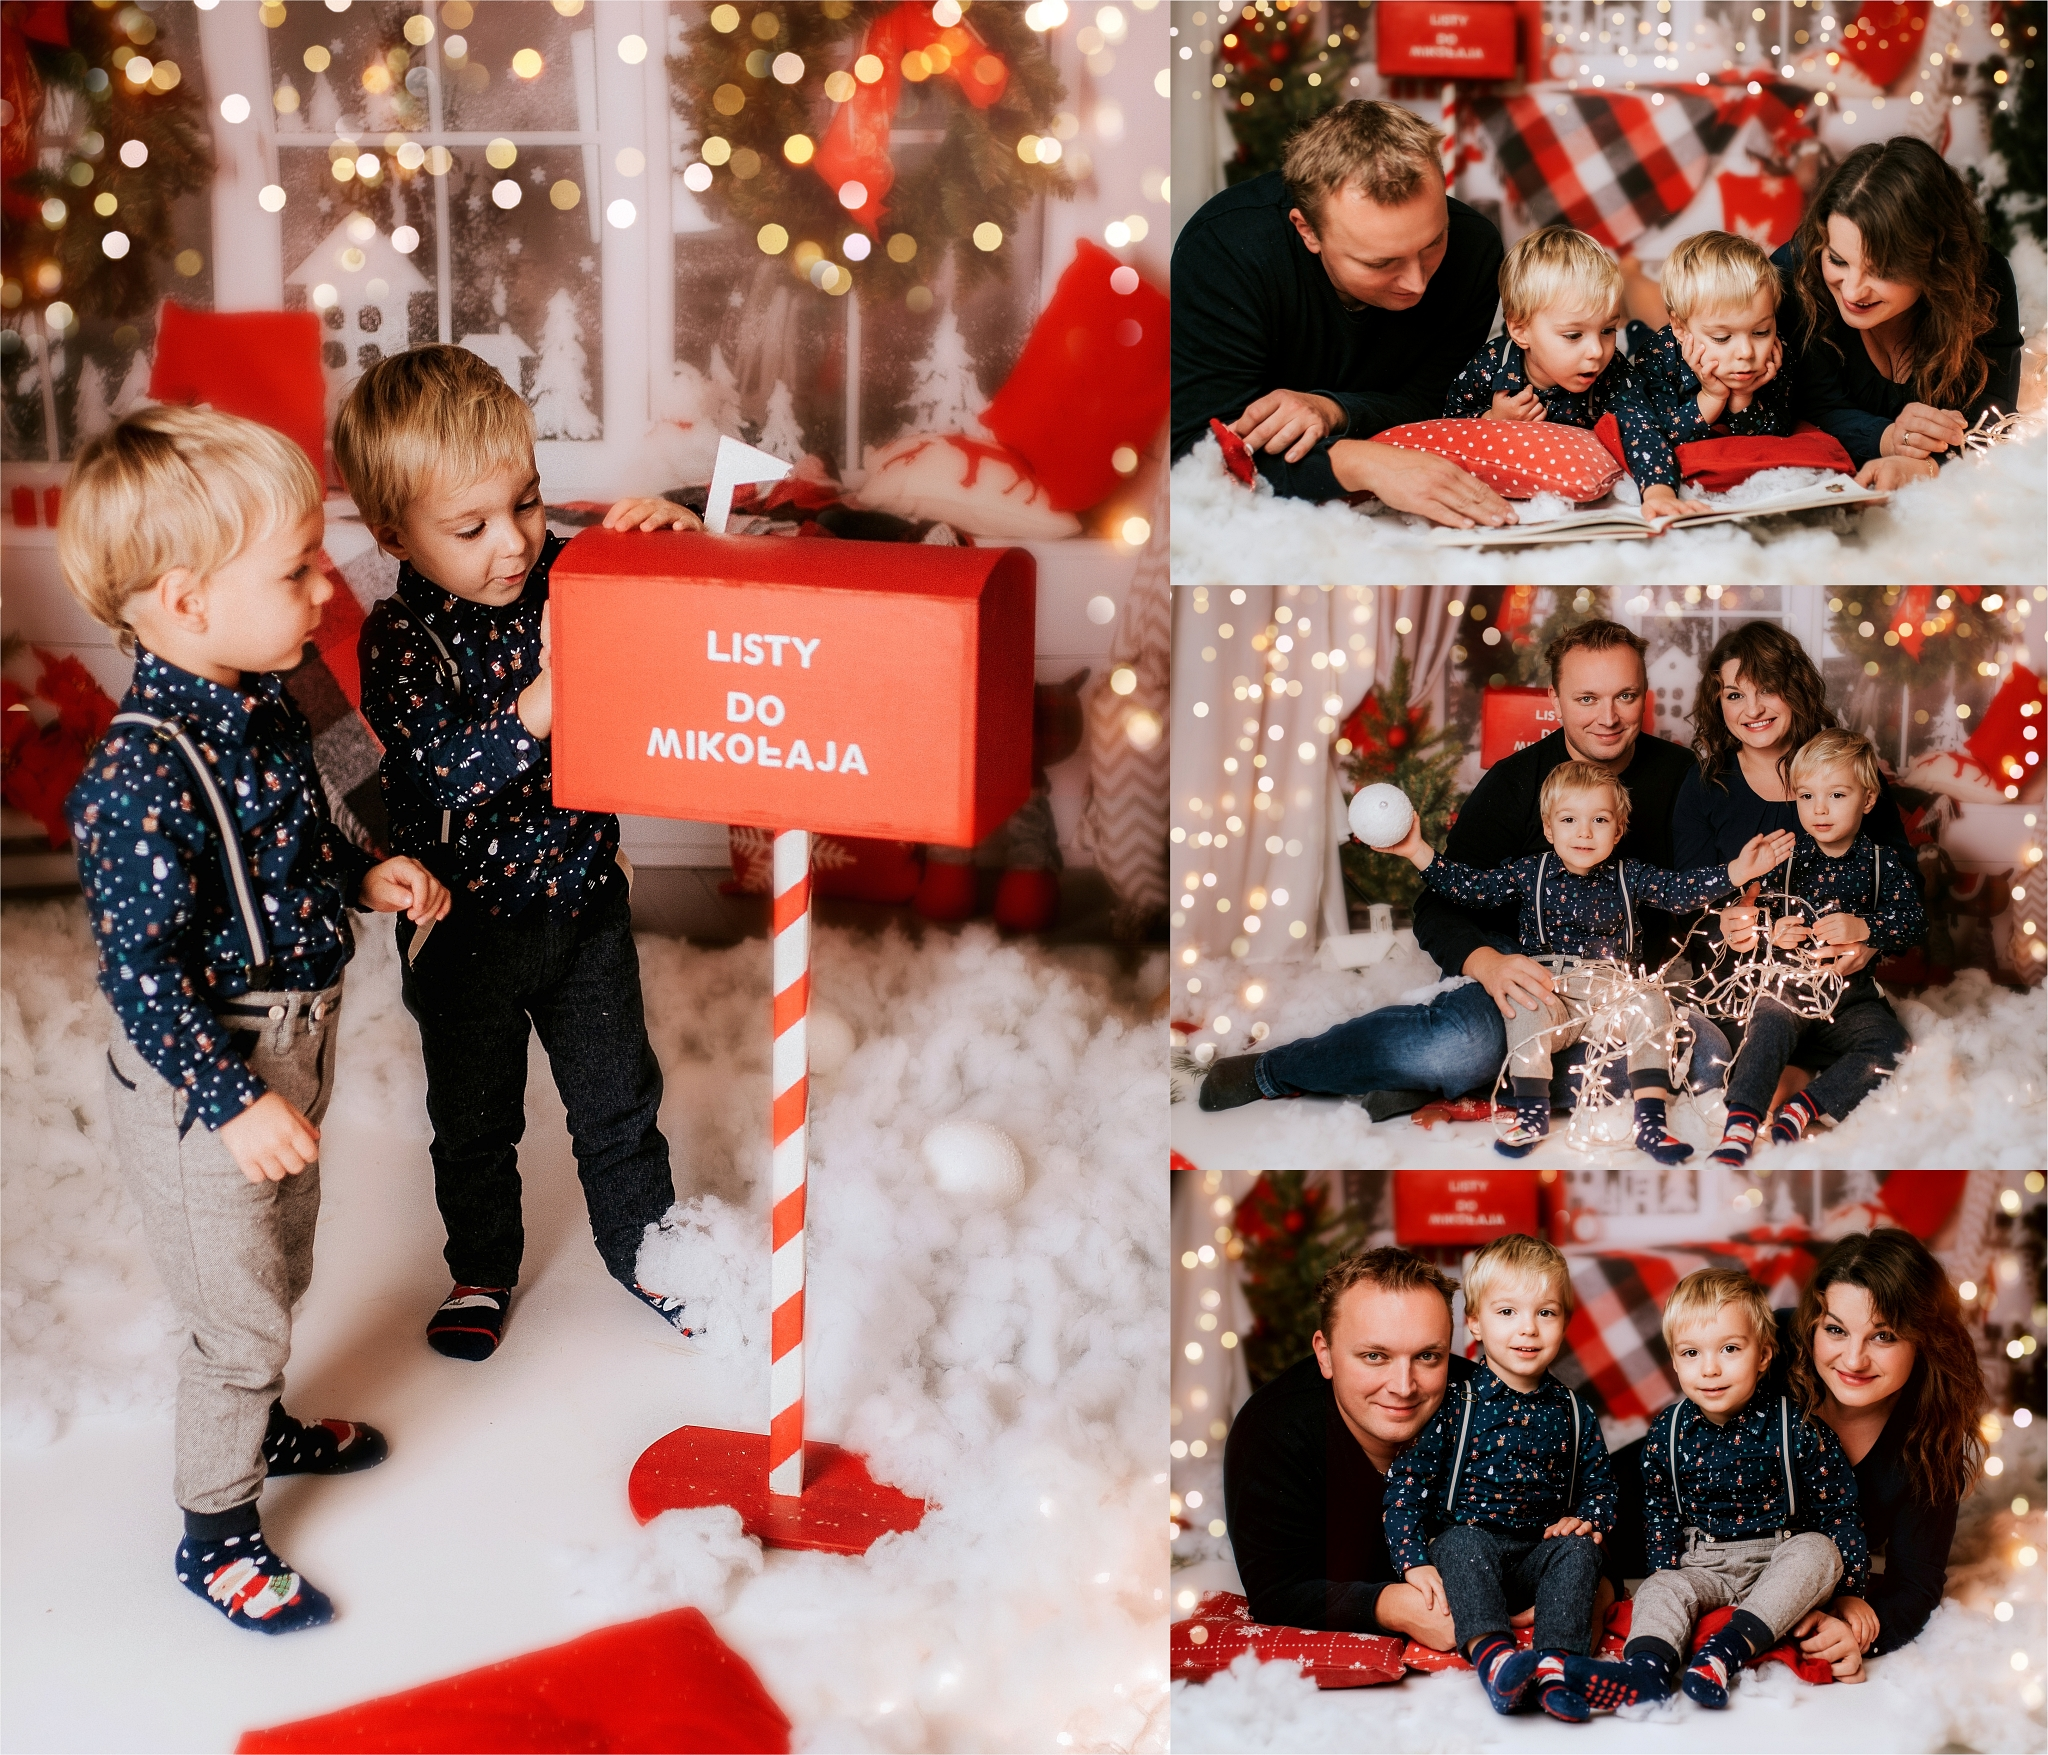 Mikołaj, list do Mikołaja, sesja zdjęciowa na boże narodzenie